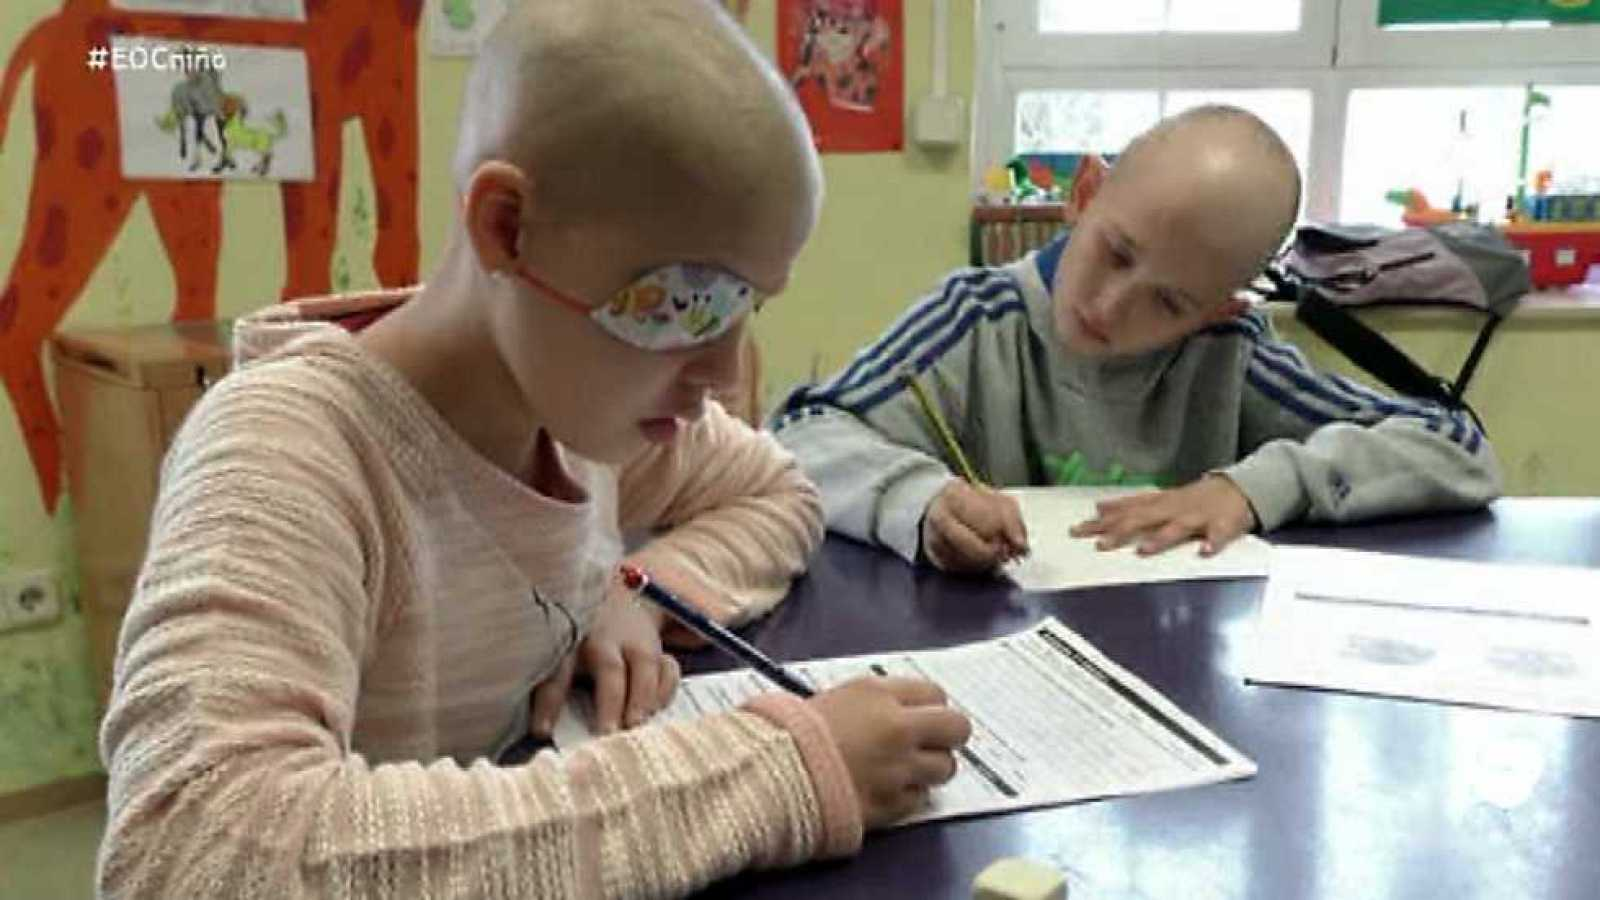 40b32cd82 Para todos los públicos El ojo clínico - El niño enfermo - ver ahora  reproducir video